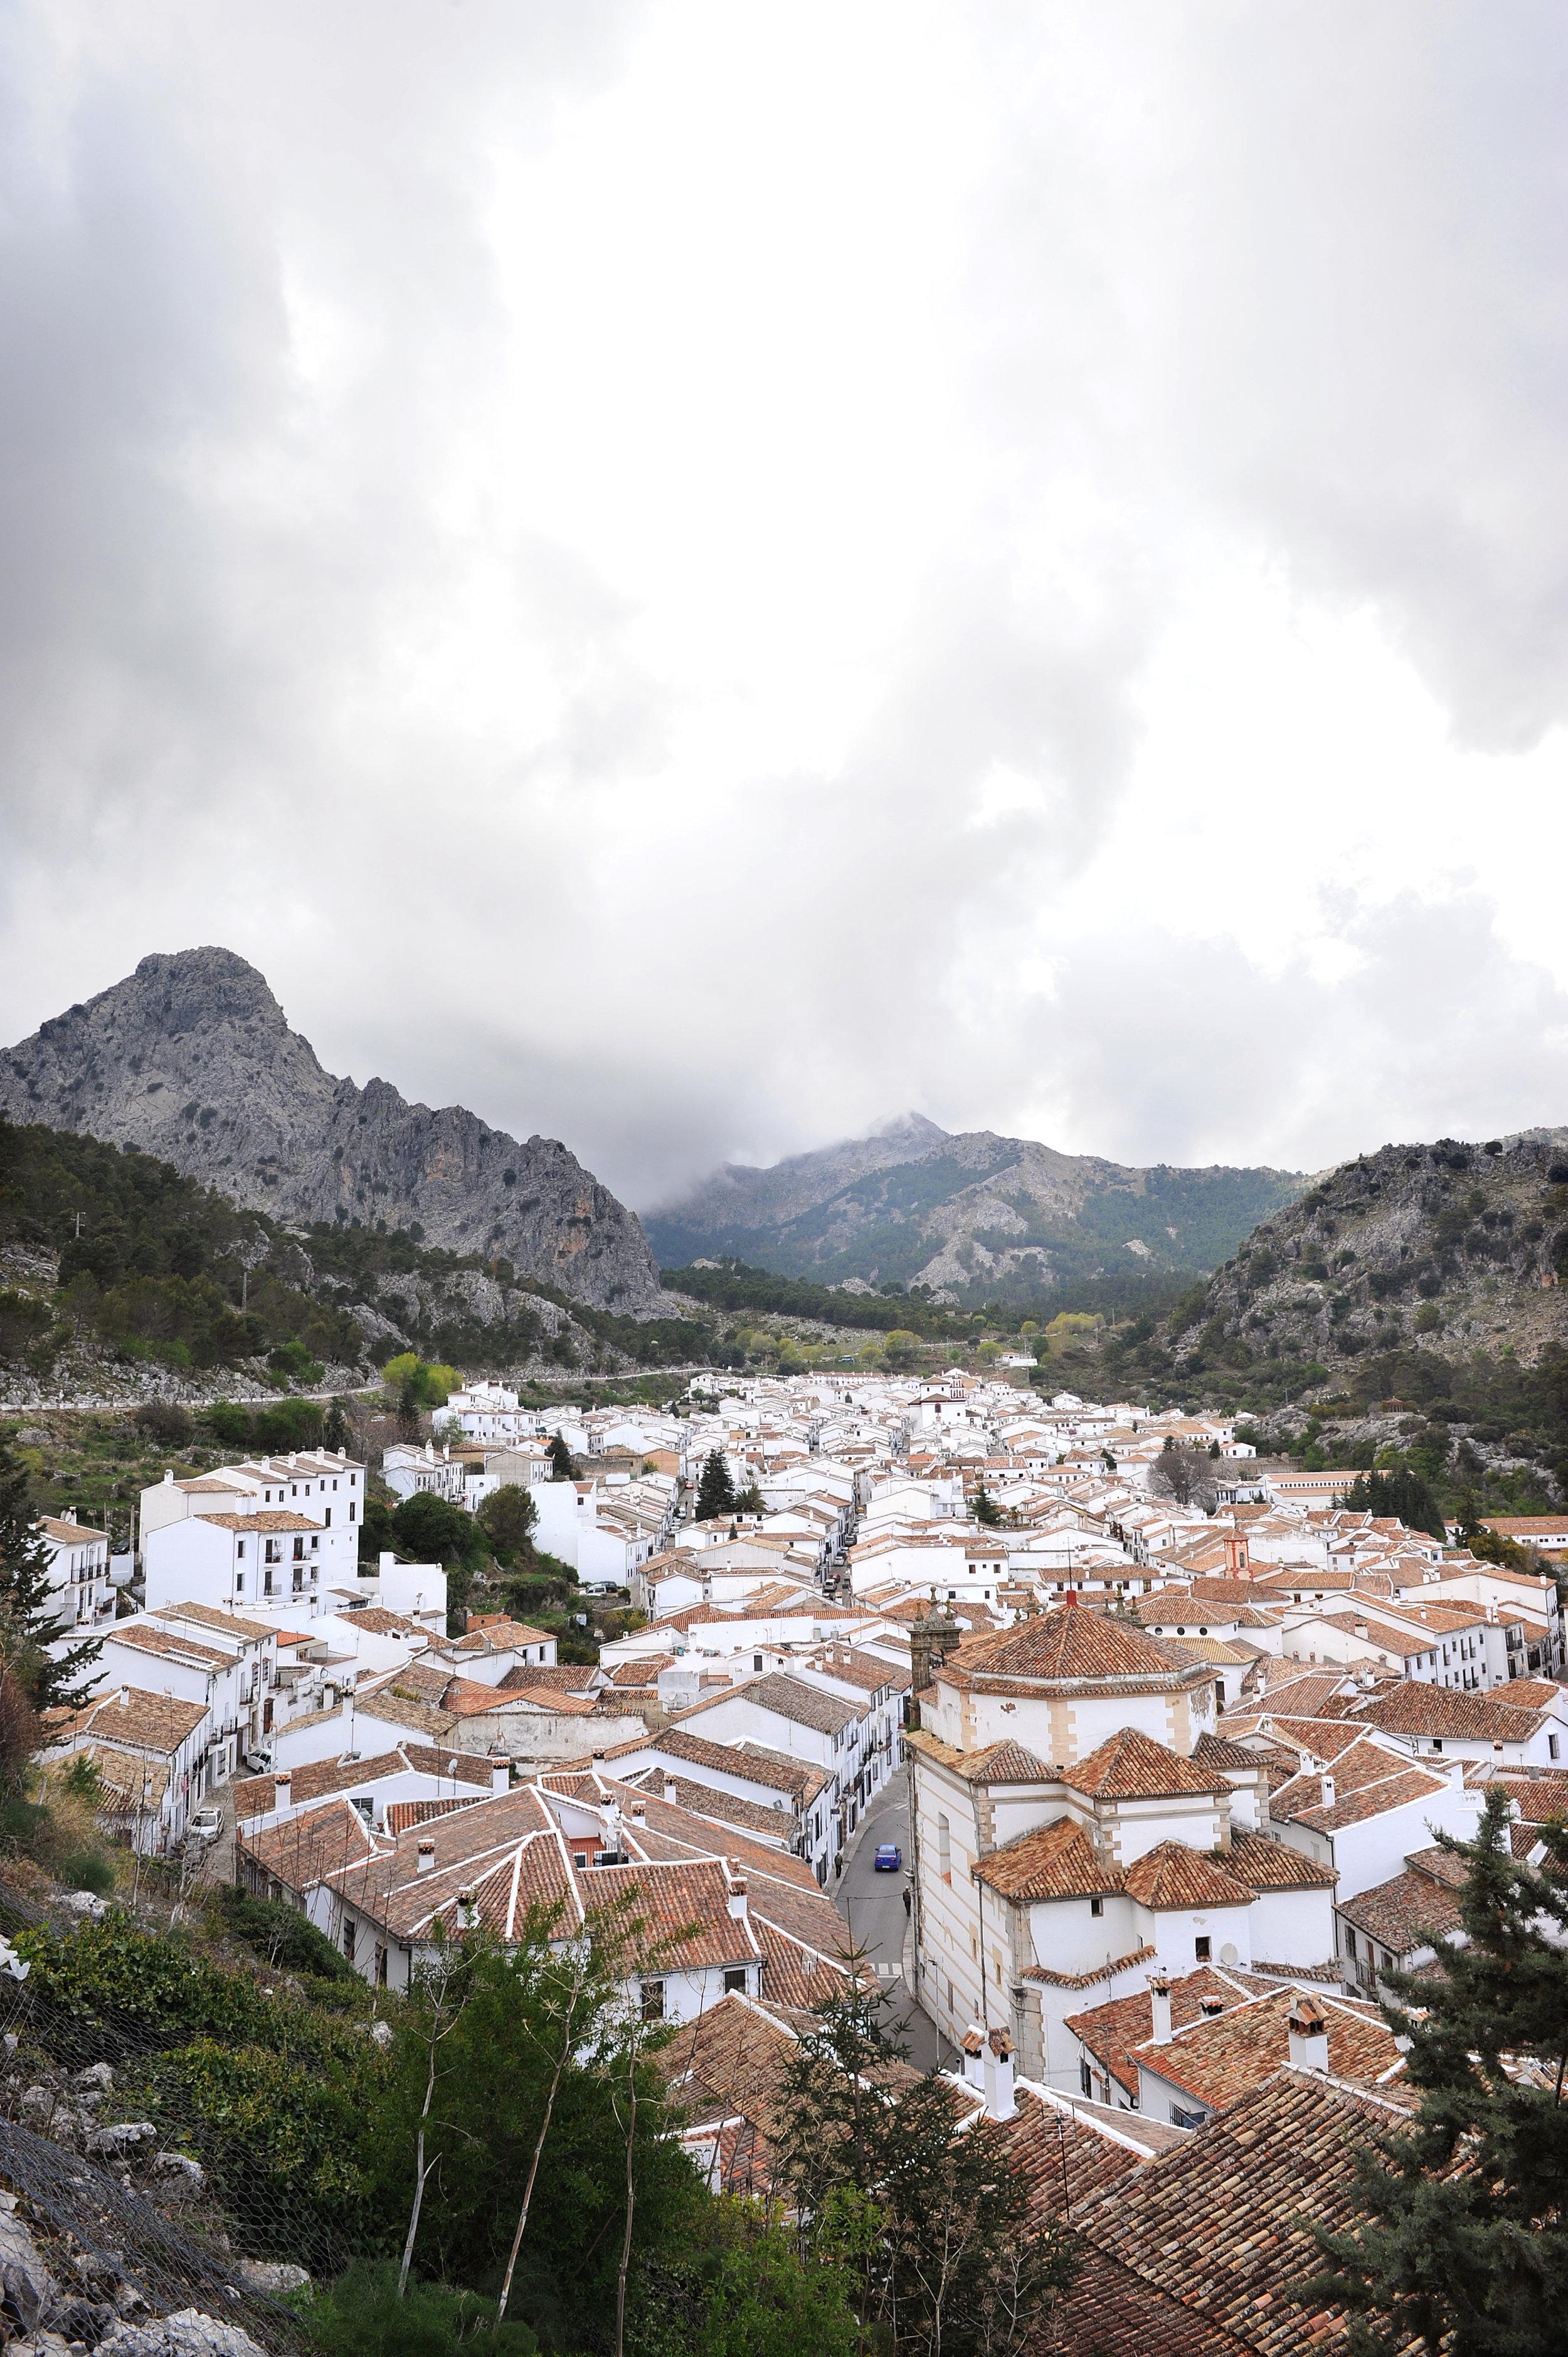 Grazalema, Pueblos blancos, Andalusia